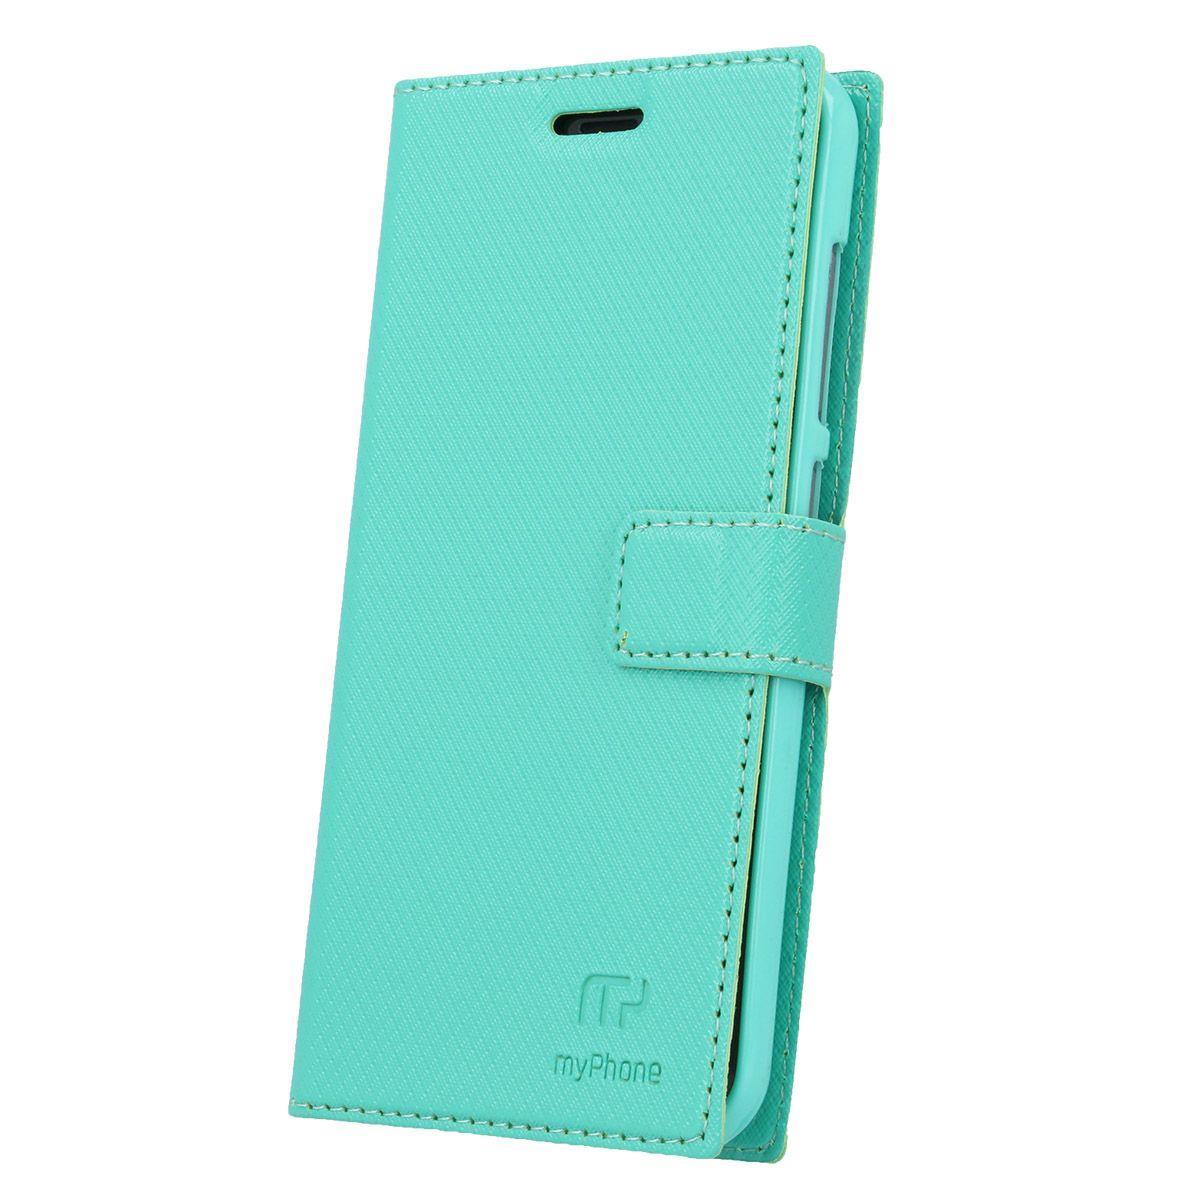 Flipové pouzdro pro myPhone Fun 6 / Fun 6 Lite, zelená